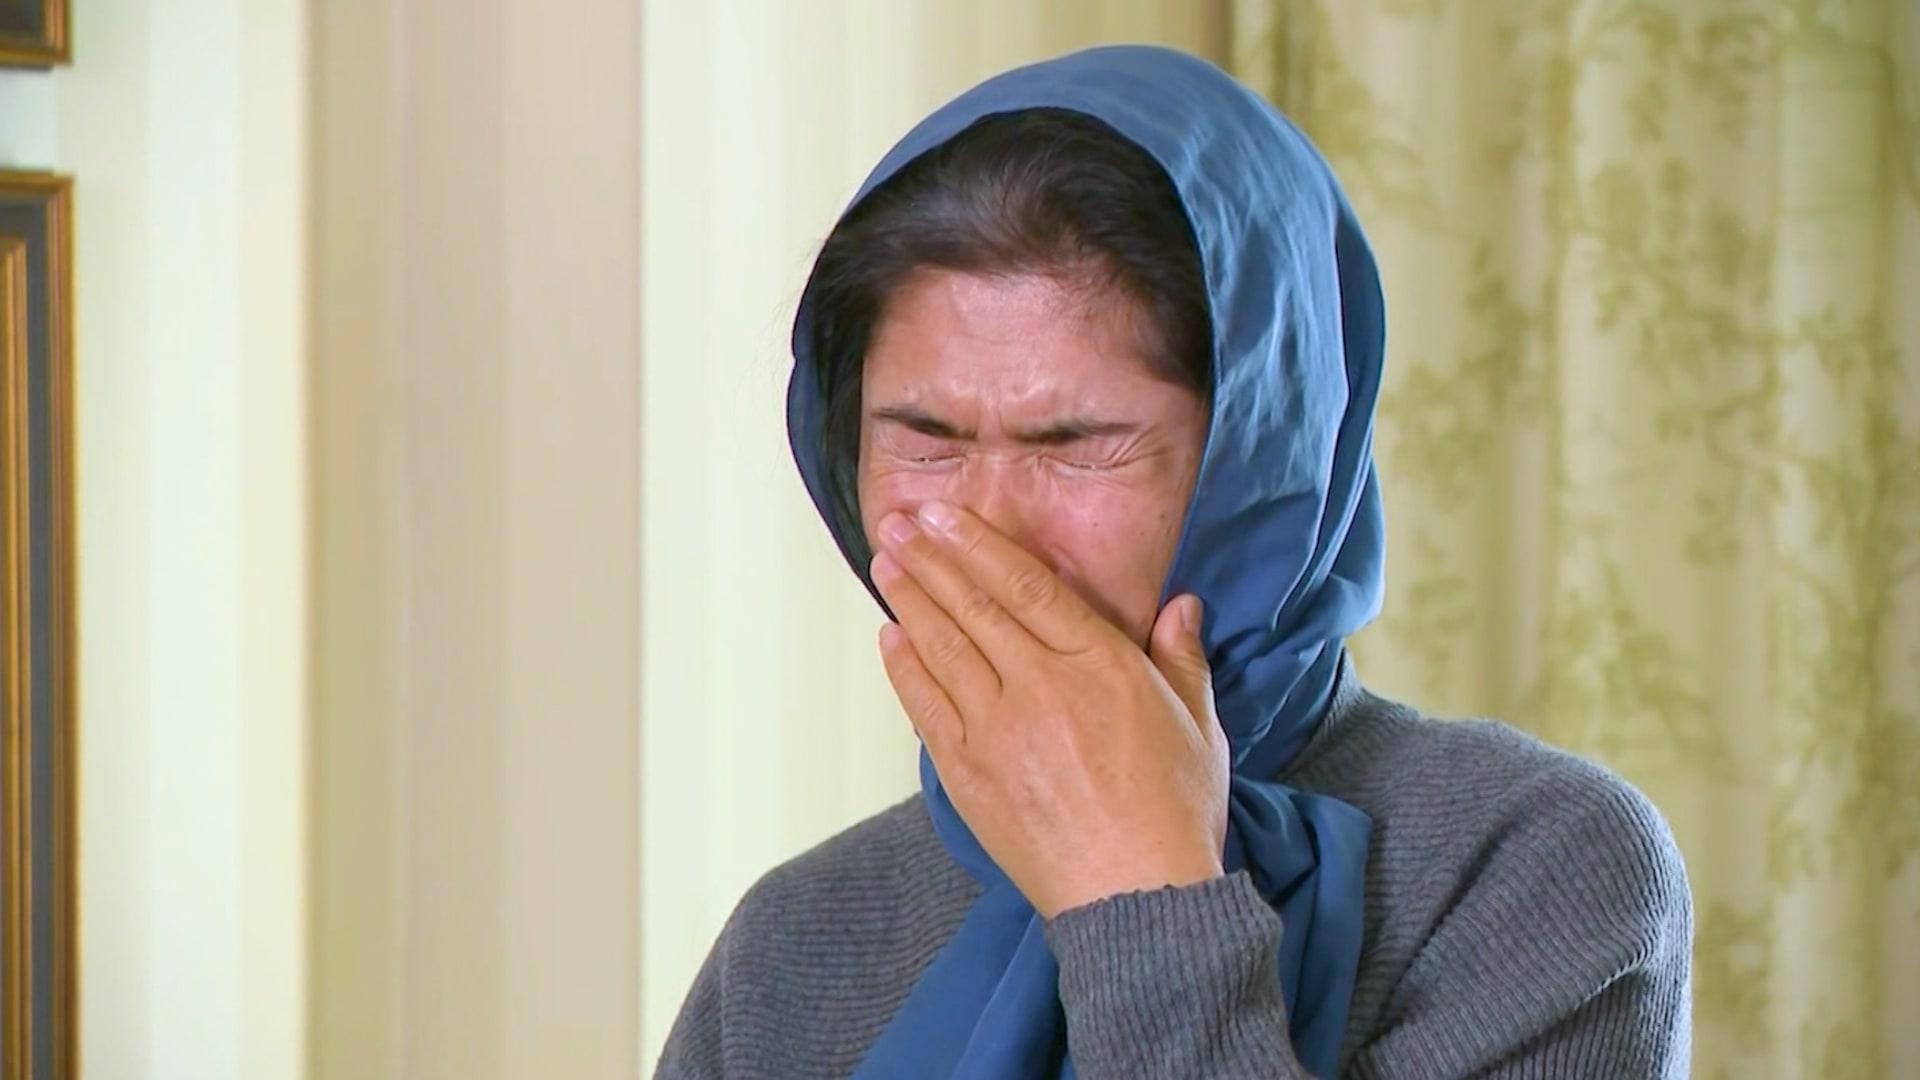 اغتصاب جماعي وتعذيب نساء داخل معسكرات الأويغور.. مزاعم مروعة تلاحق الصين